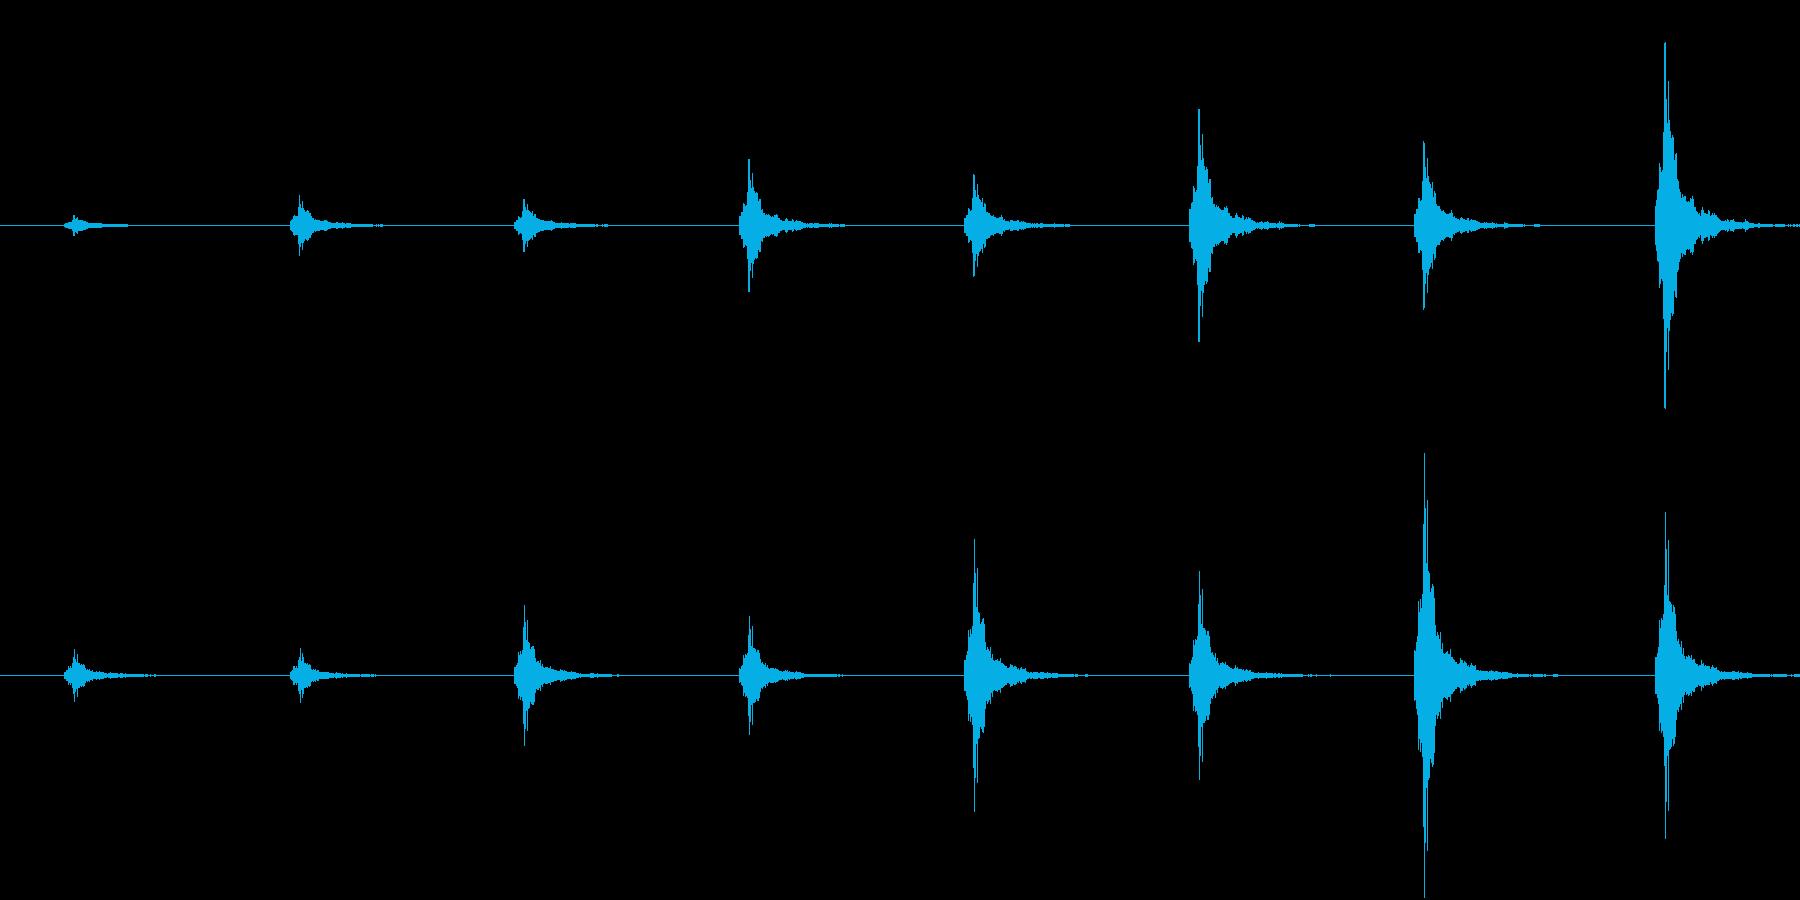 鈴の音が近づいてくる音(和風ホラー向け)の再生済みの波形